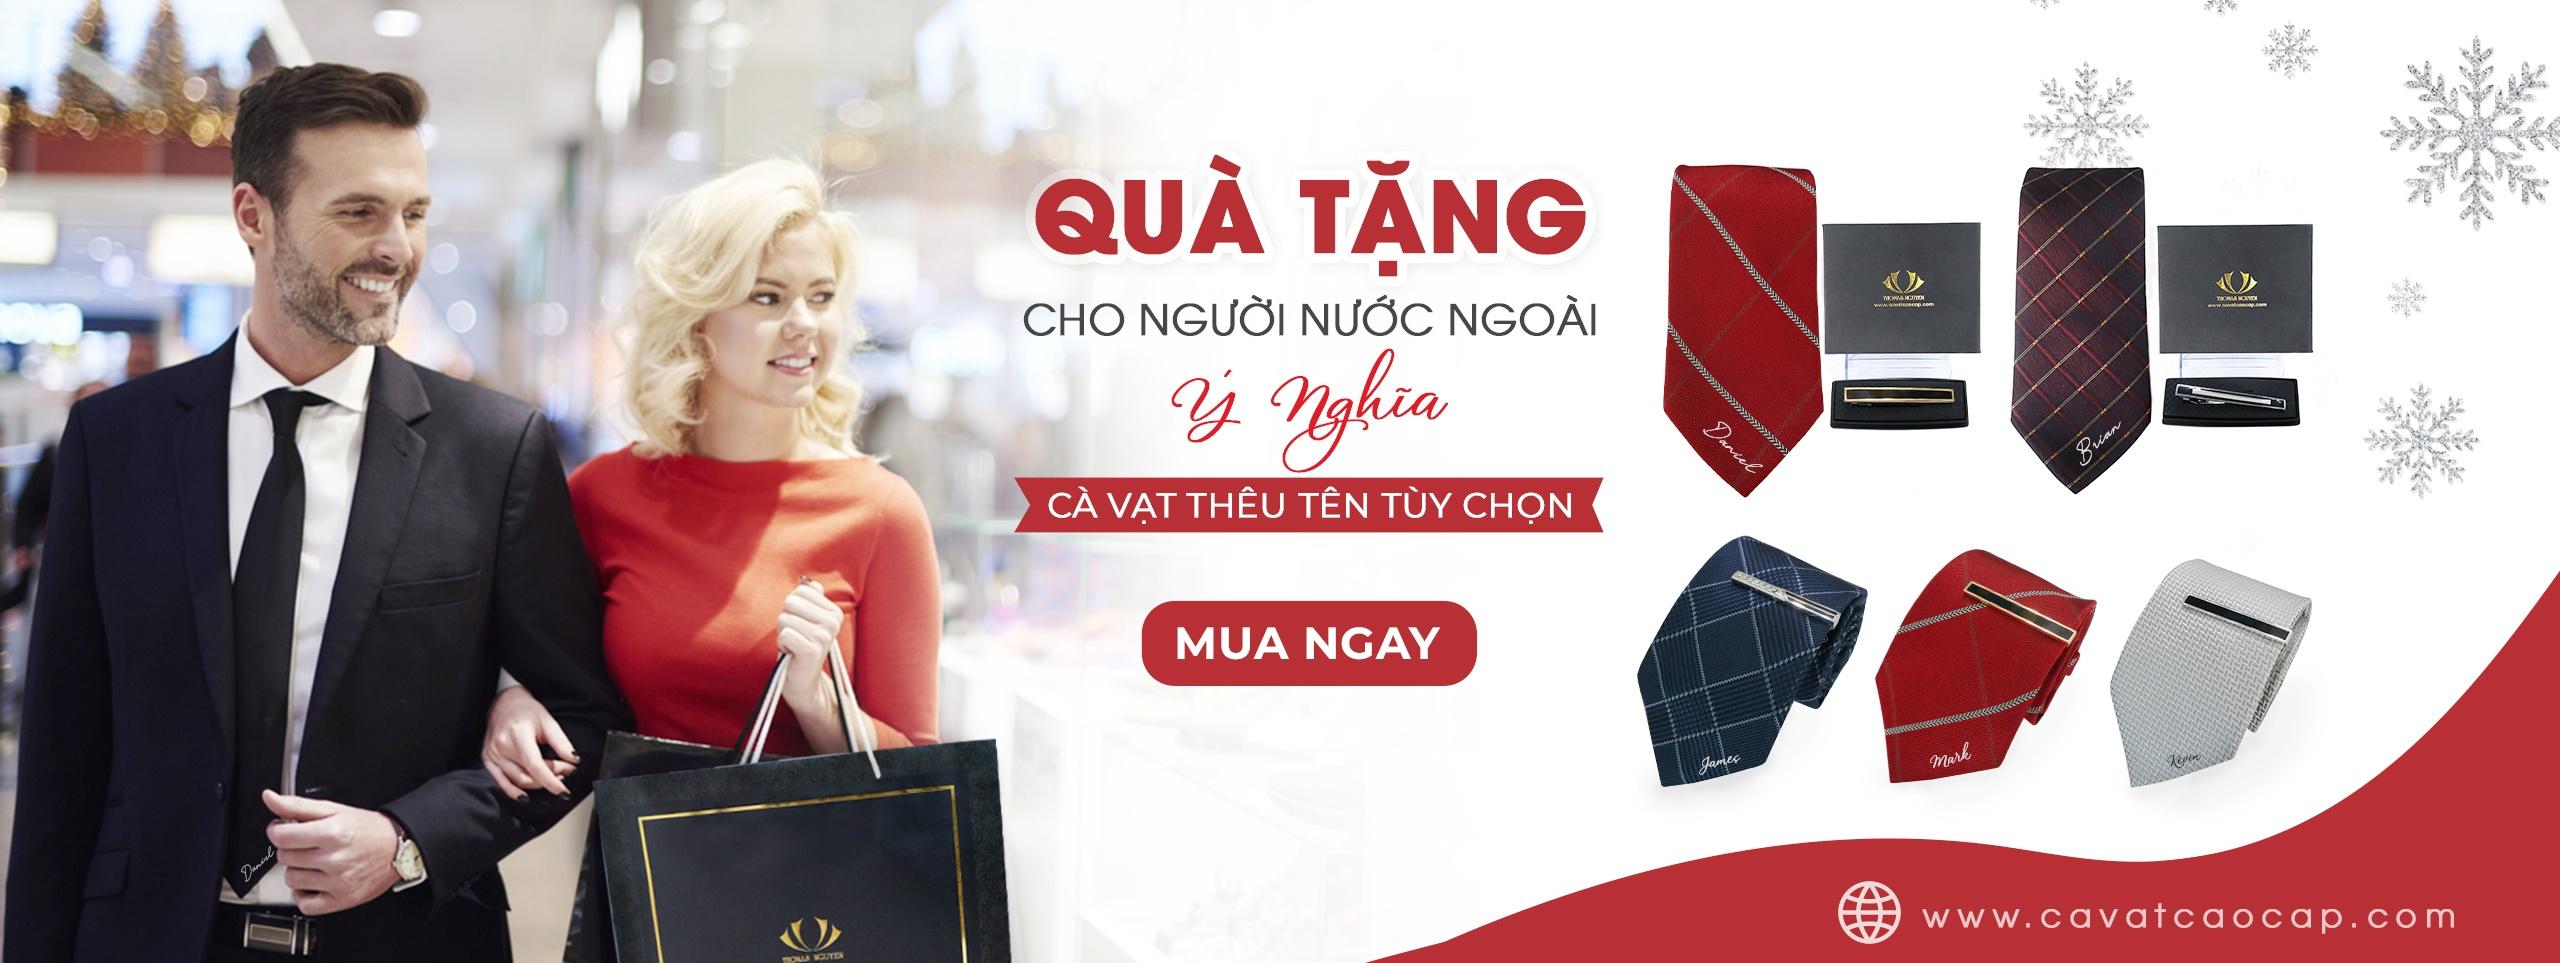 Quà tặng người nước ngoài cà vạt lụa tơ tằm thêu tên Thomas Nguyen